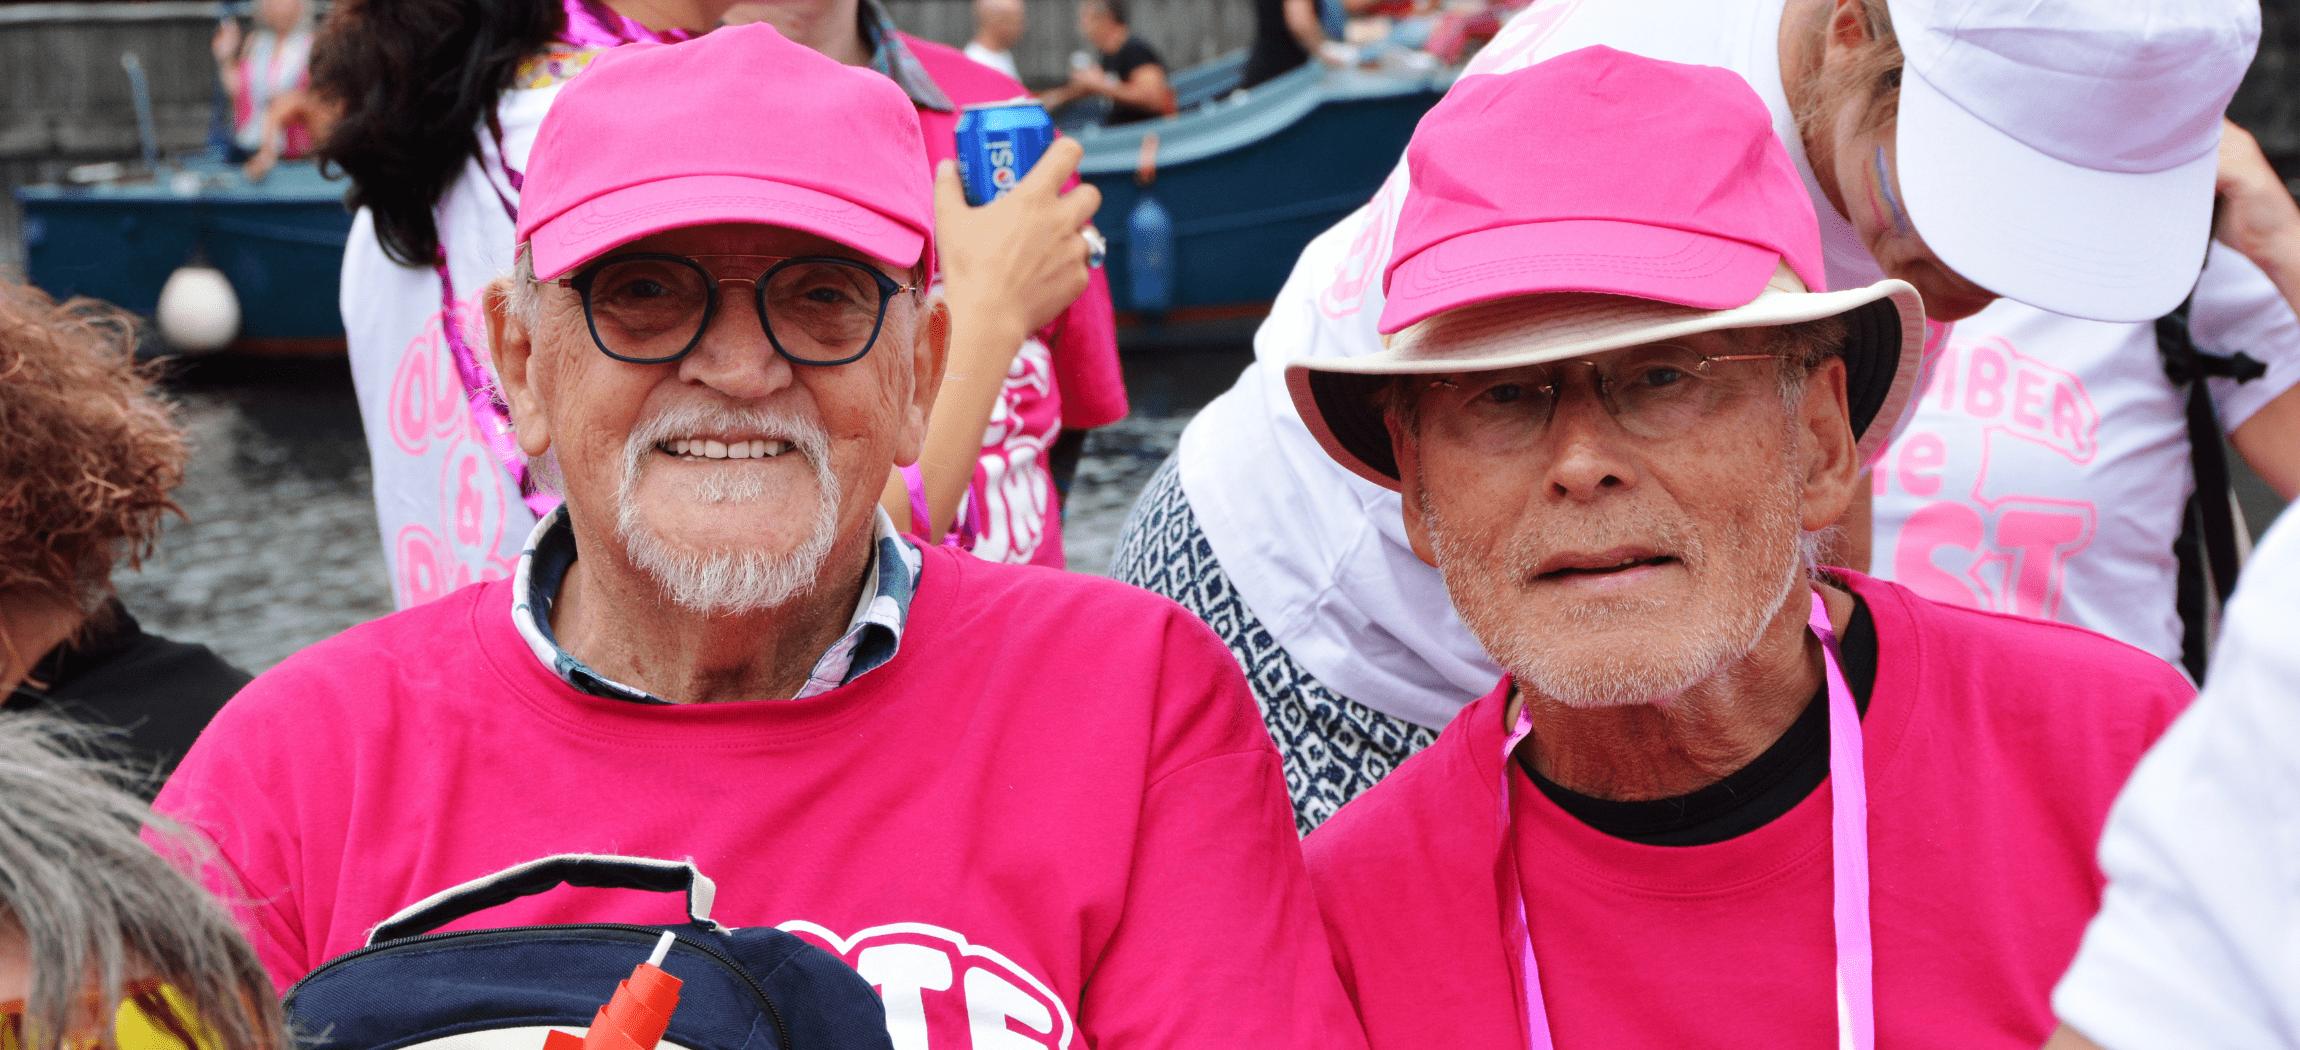 'Roze boot' van Amsterdamse ouderenzorg organisaties tijdens de Canal Pride 2019